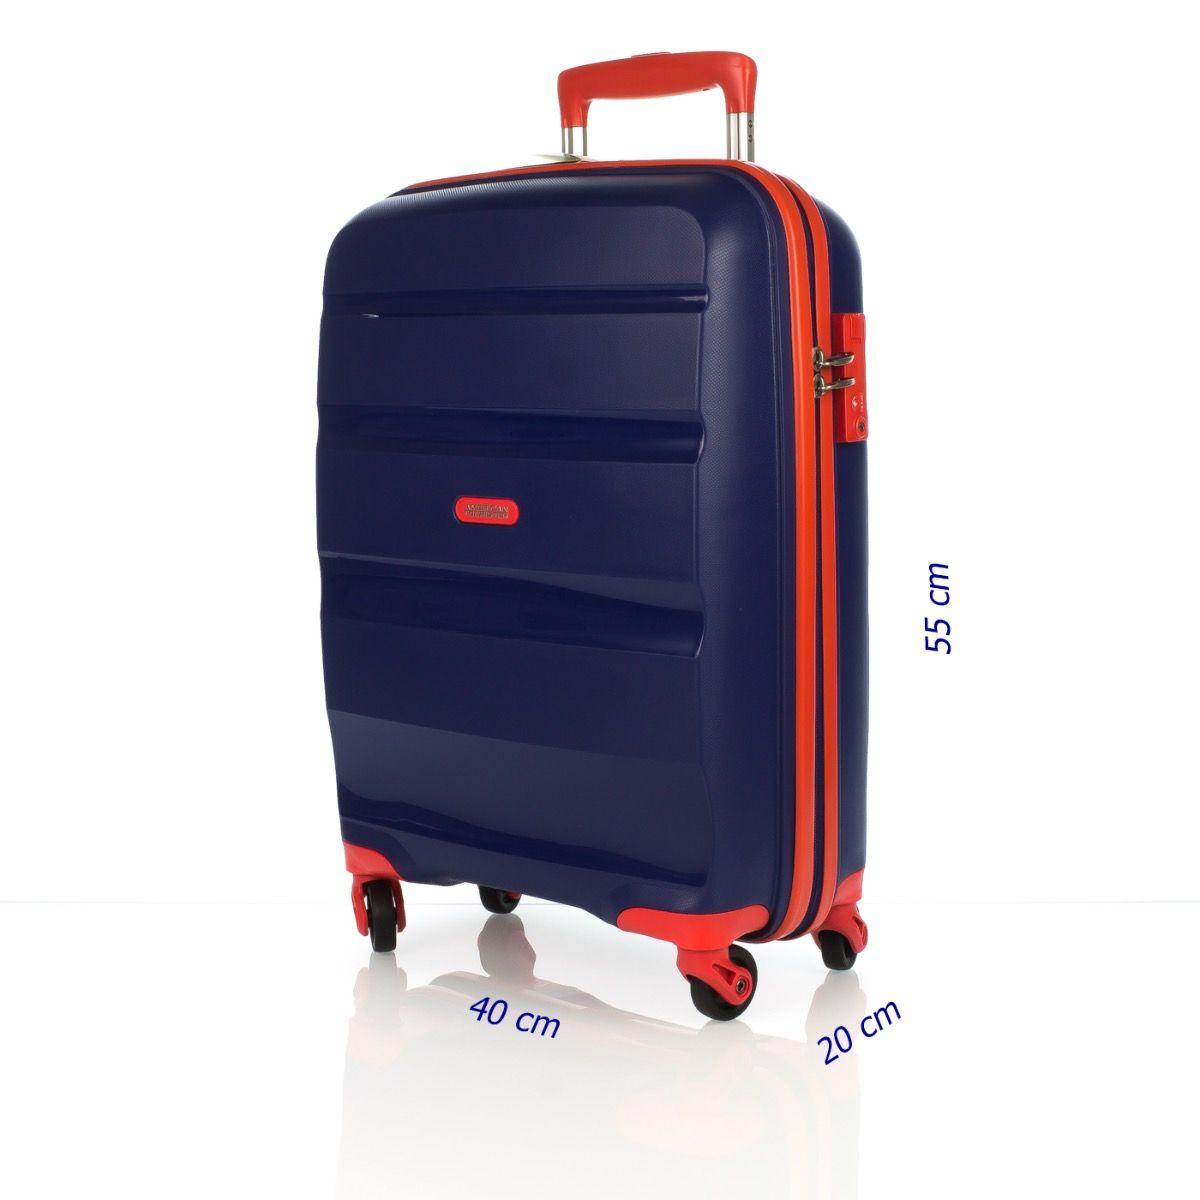 3d79cd4b1 AMERICAN TOURISTER BON AIR 85A 001 SPINNER 55 BLUE-ORANGE